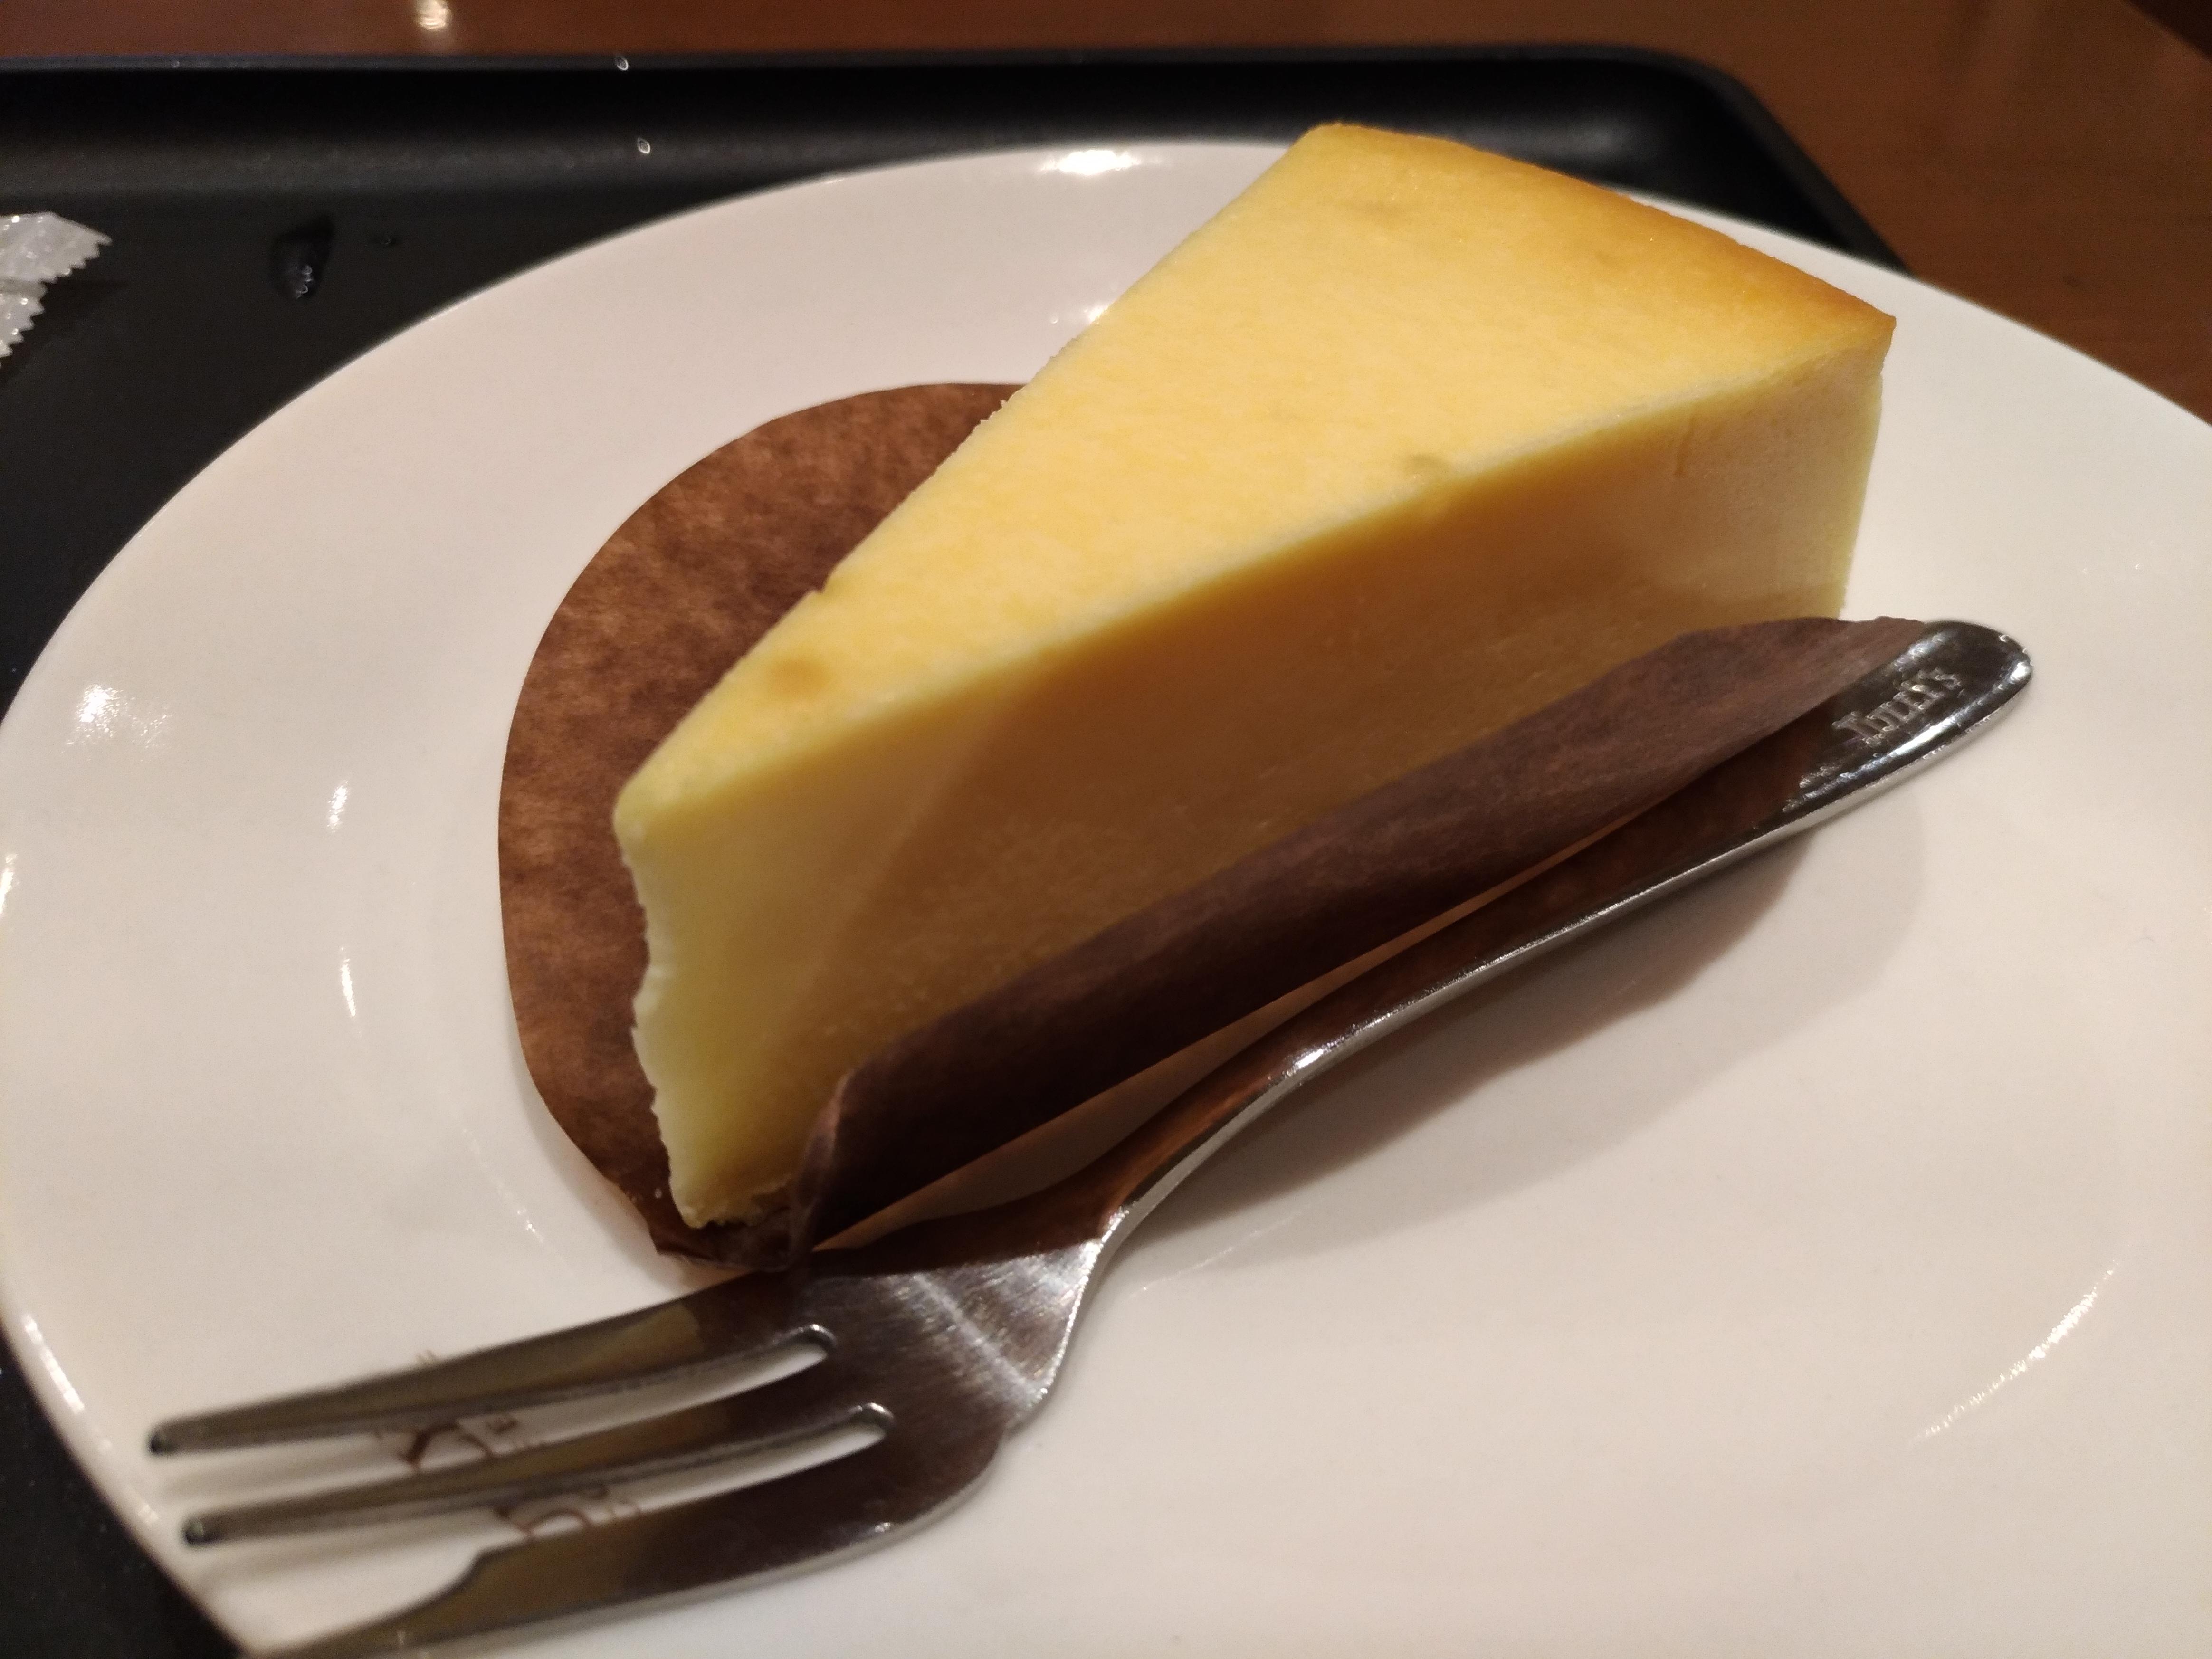 タリーズコーヒーのベイクドチーズケーキ (8)